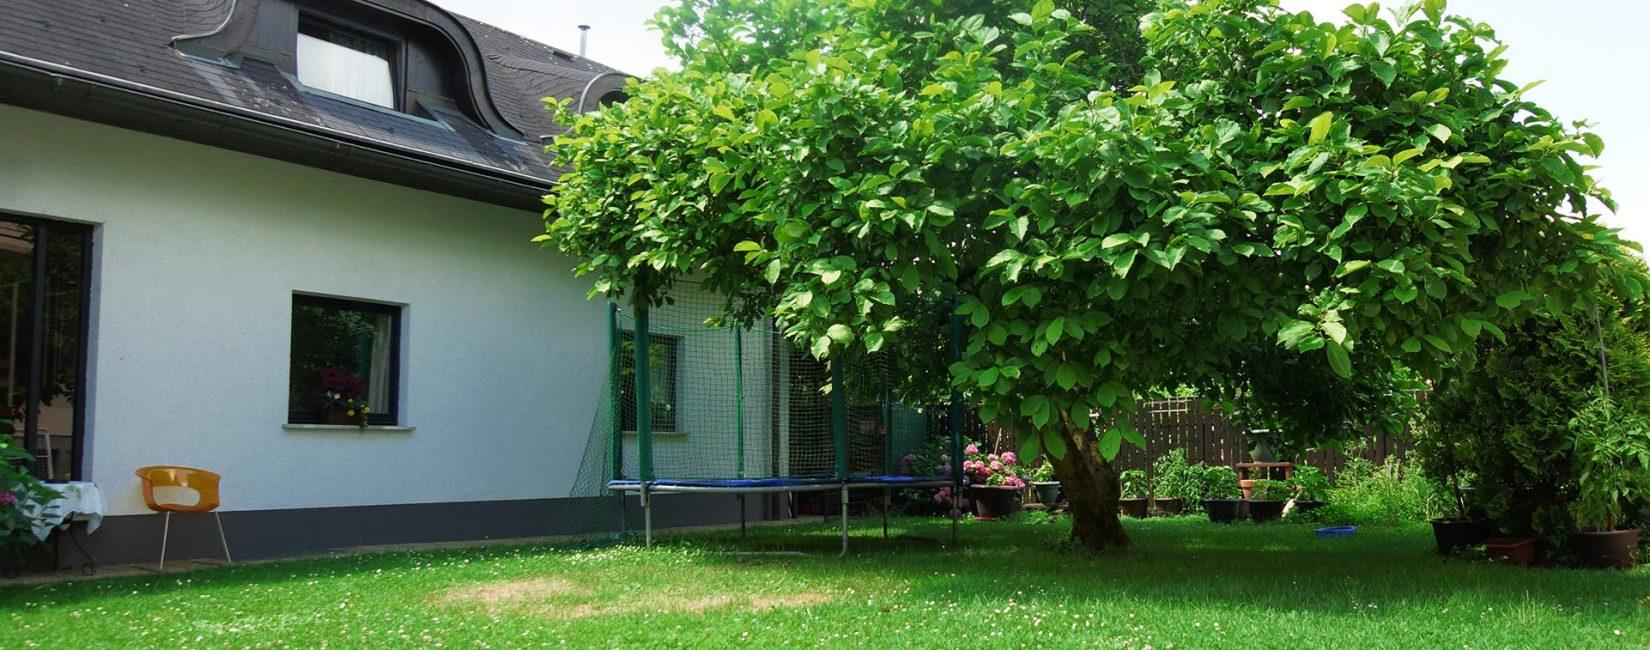 Mirno in Zeleno Okolje